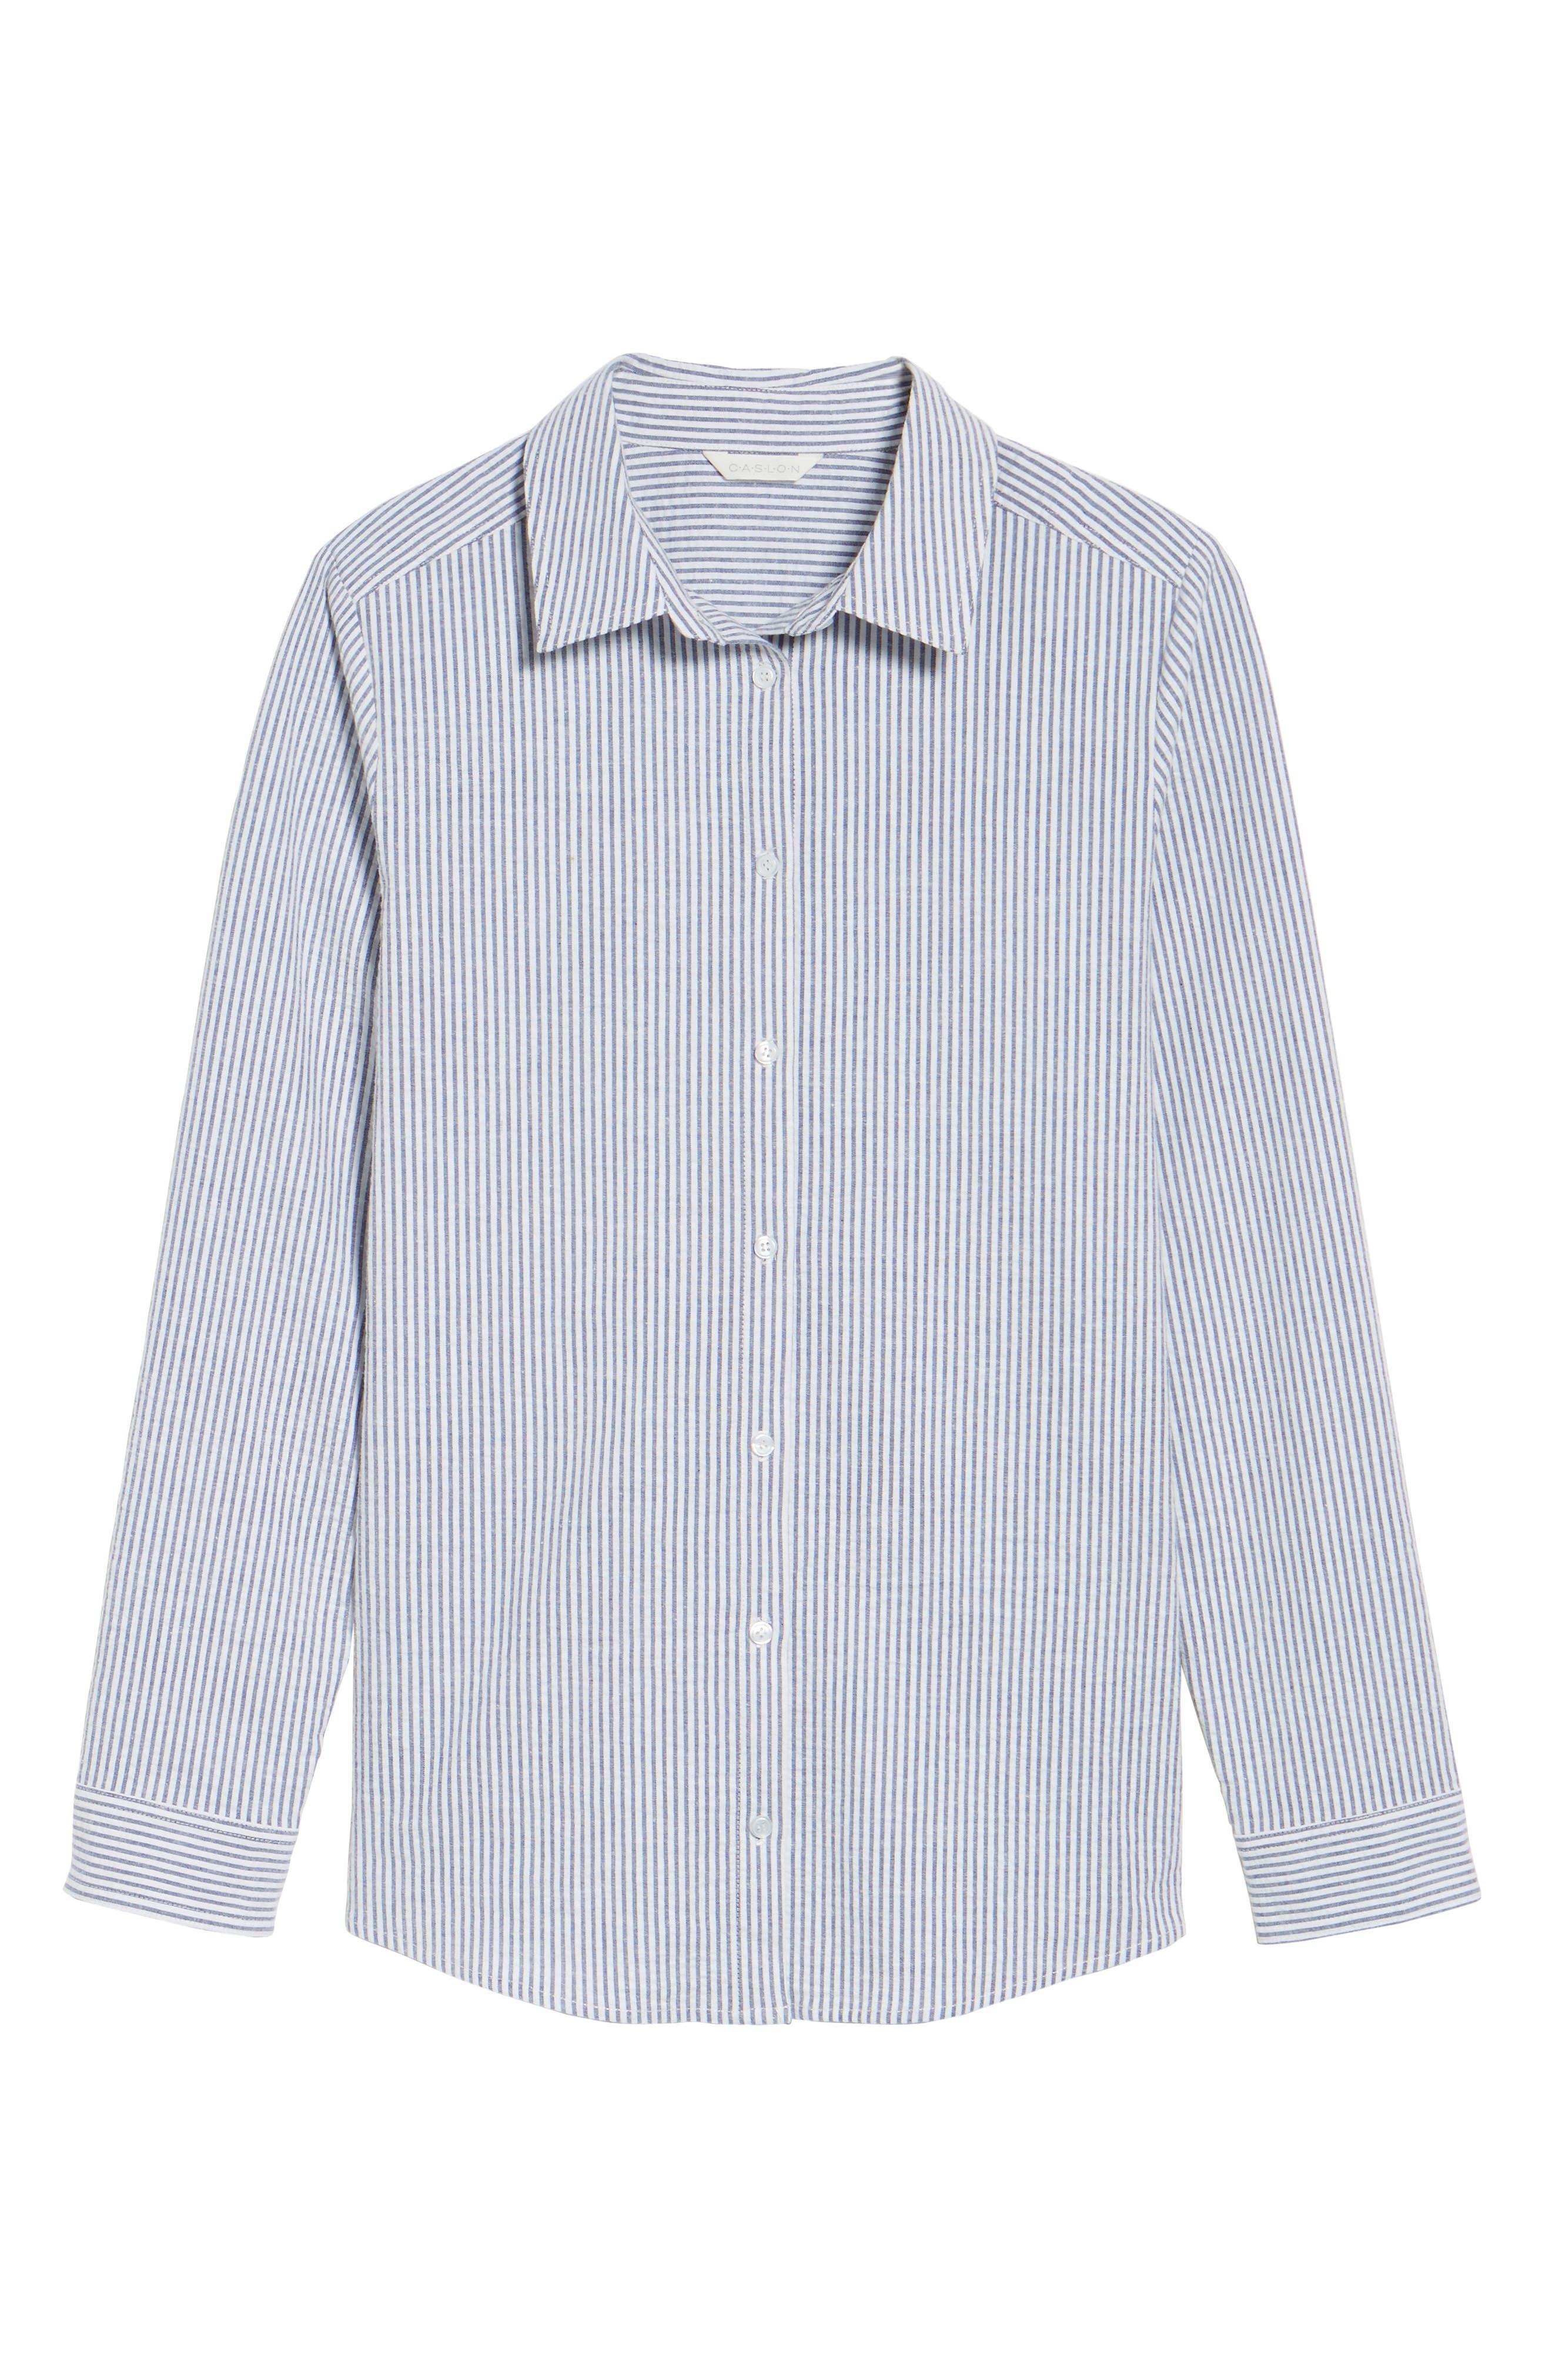 Caslon Button Front Shirt,                             Alternate thumbnail 6, color,                             Blue- White Seersucker